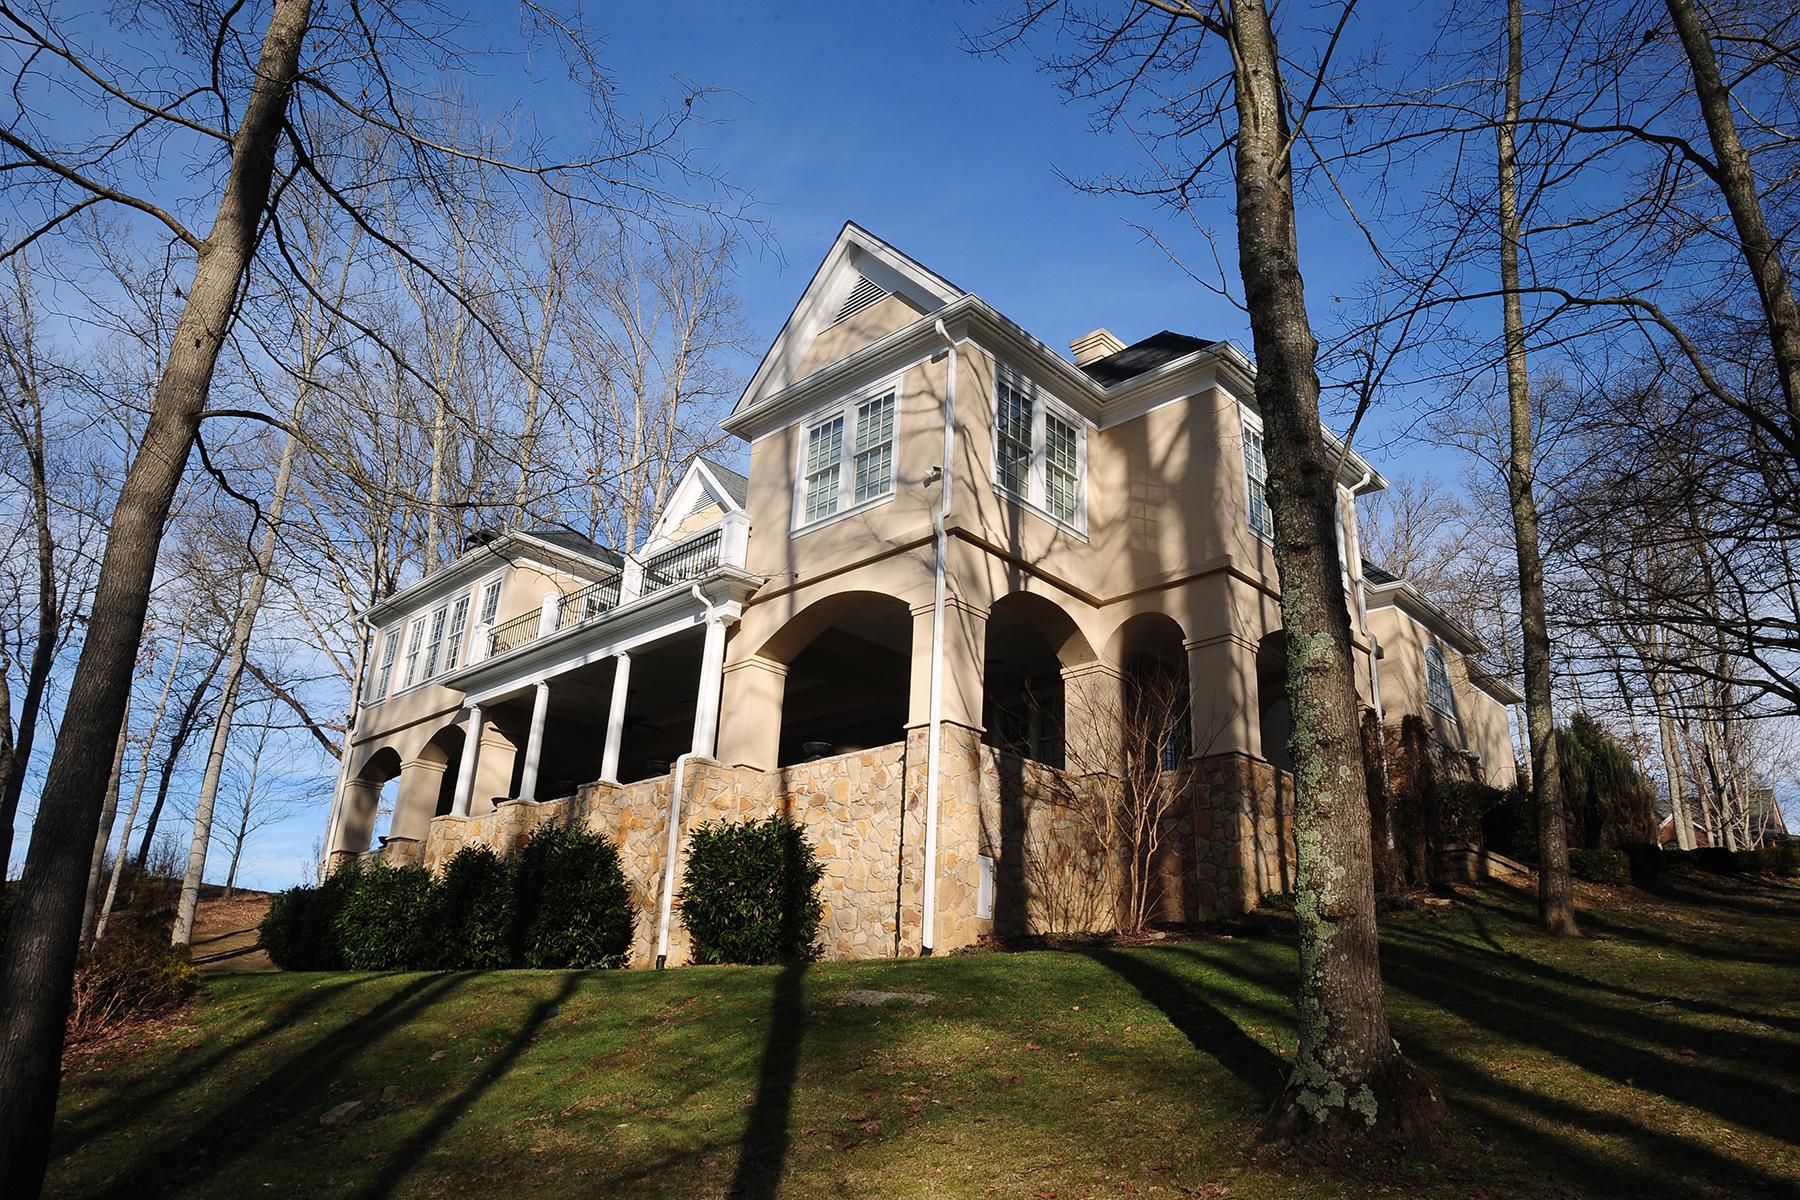 Maison unifamiliale pour l Vente à BRISTOL - THE VIRGINIAN 23238 Virginia Trail Bristol, Virginia, 24202 États-Unis